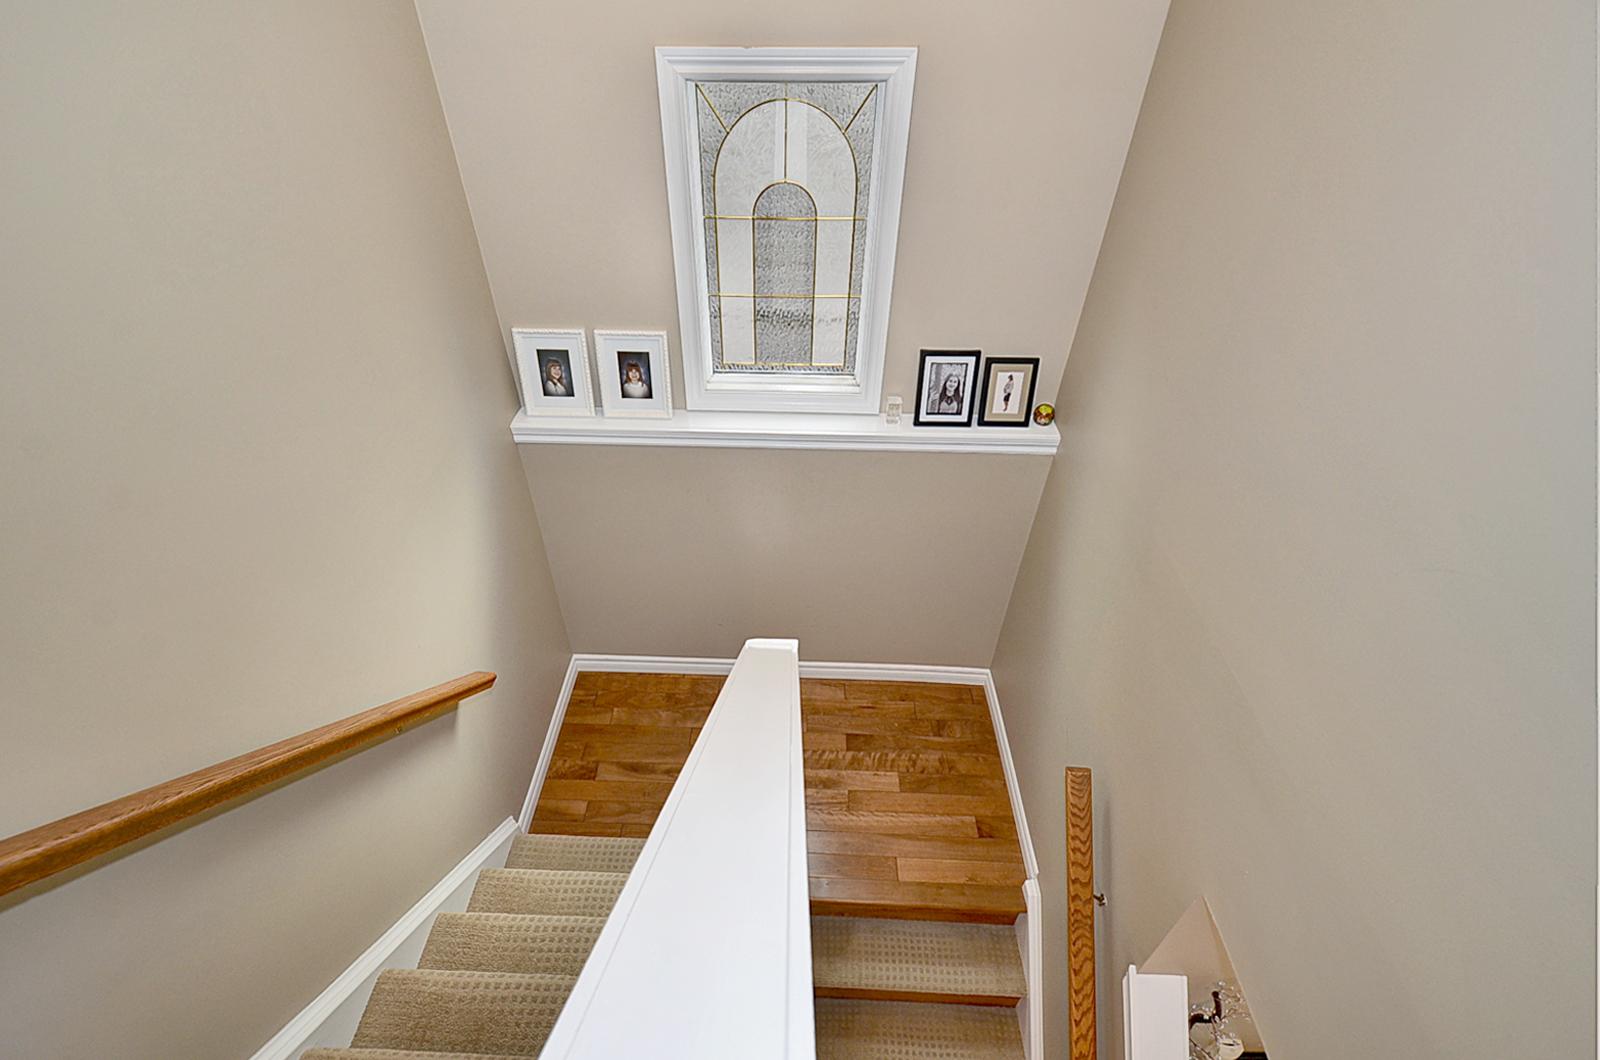 52 Stairway.jpg